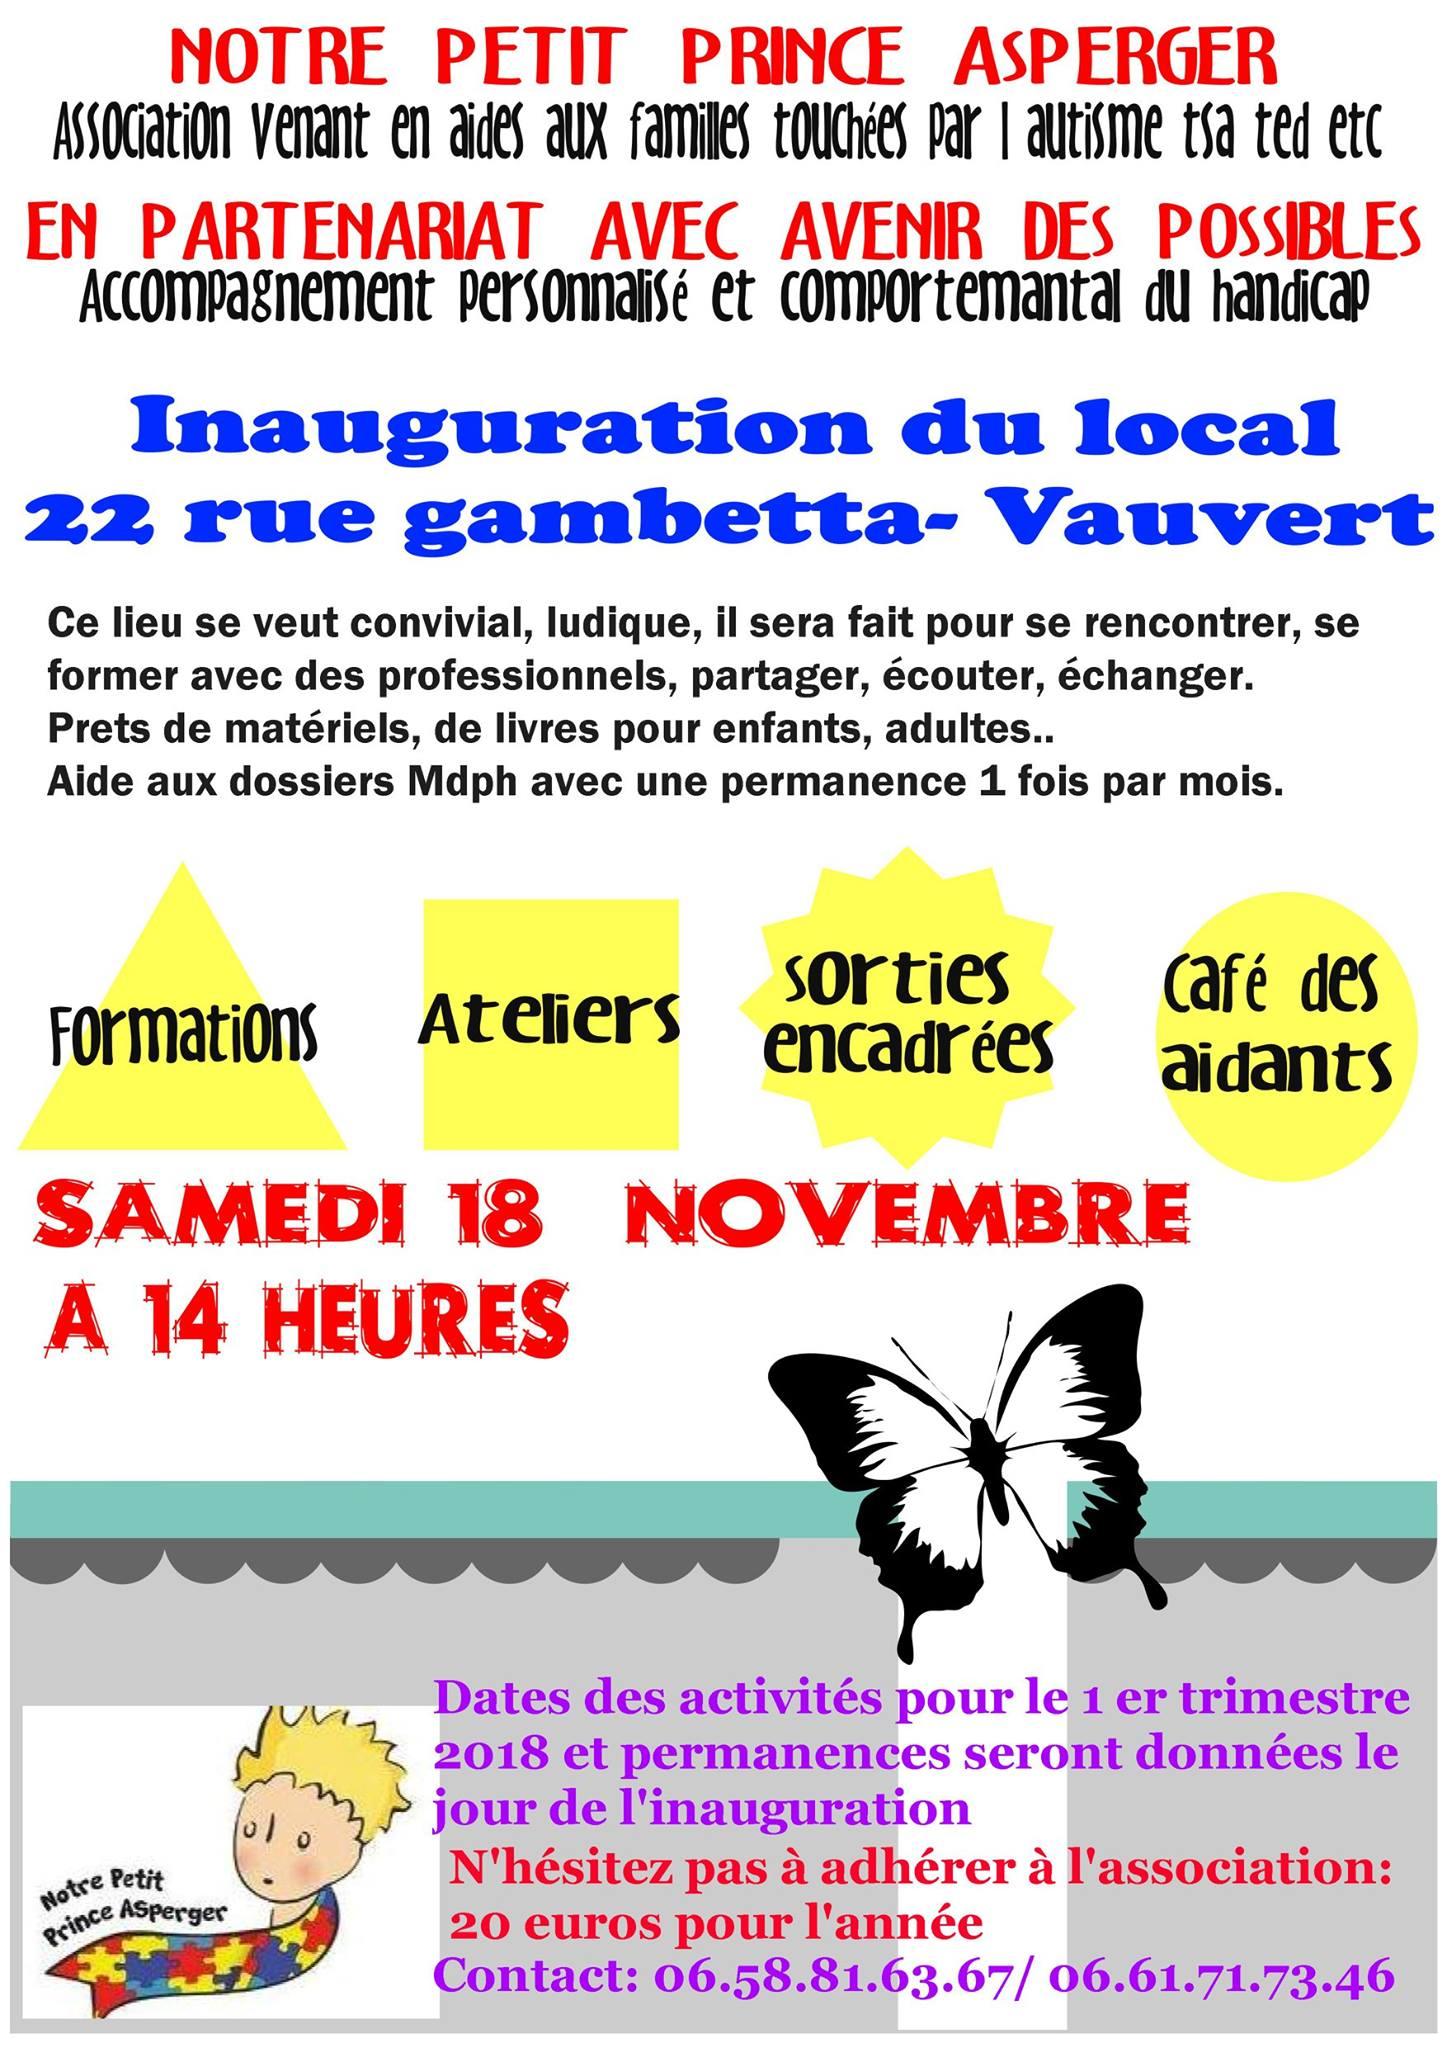 Inauguration local @ 22, rue Gambetta à Vauvert